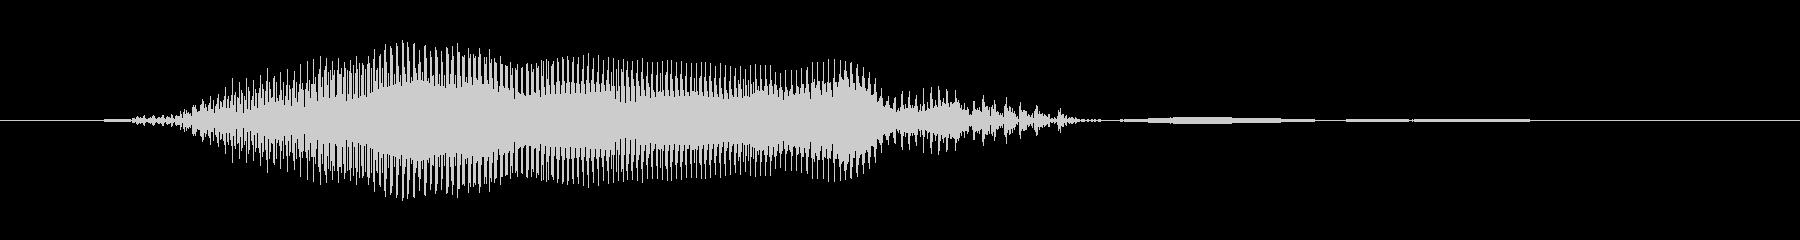 「ブー!」4の未再生の波形